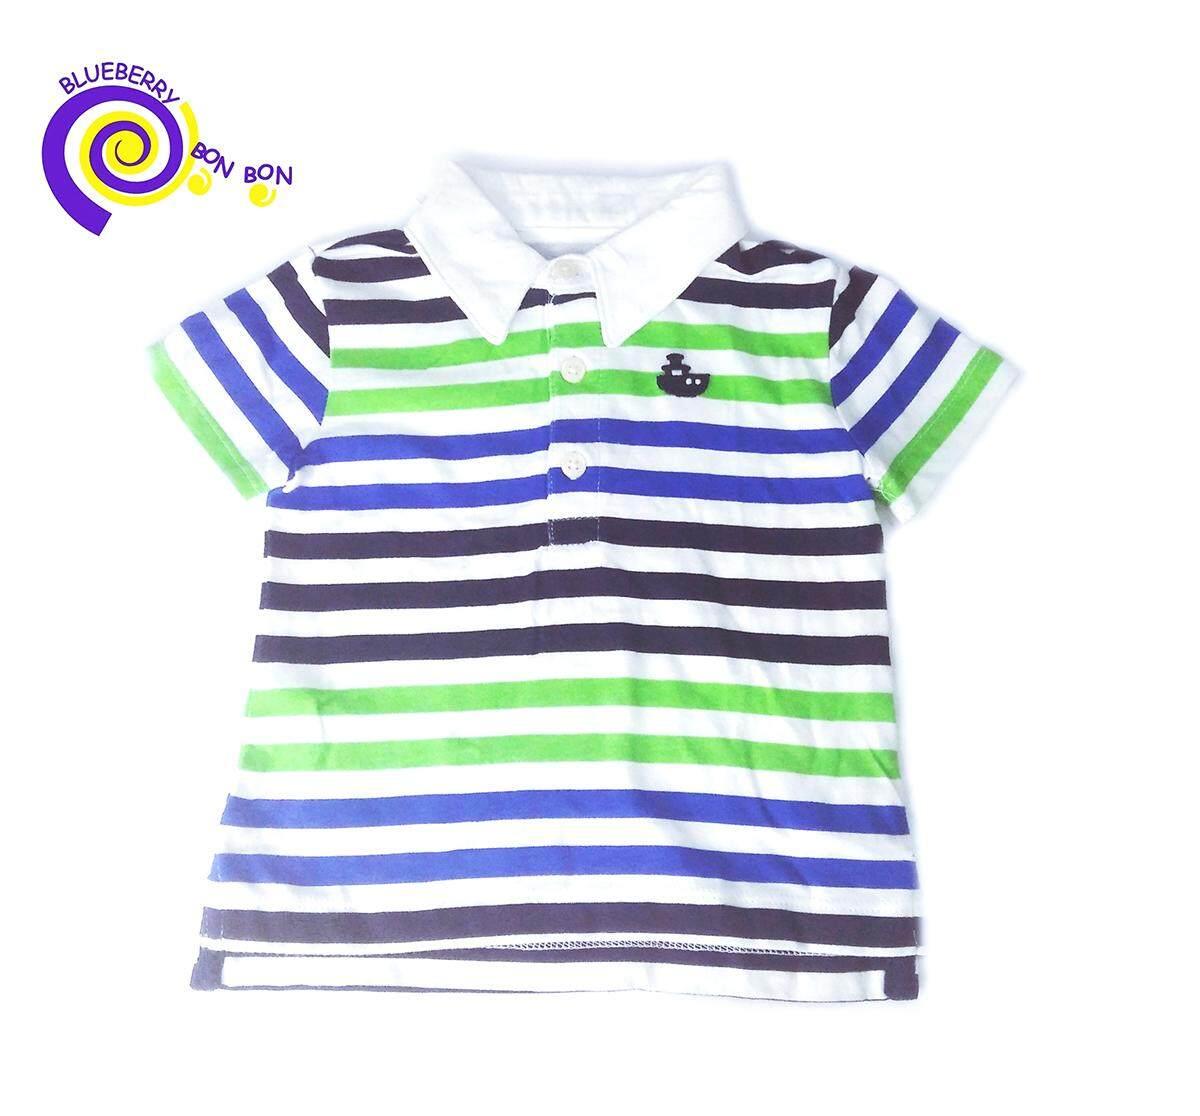 เสื้อโปโล ผ้านุ่ม เบา ระบายความร้อนได้ดีเยี่ยม 100%cotton Blueberry Bon Bon Size : 3-6 Months สินค้าขายดี มีจำนวนจำกัด By Blueberry Bon Bon.